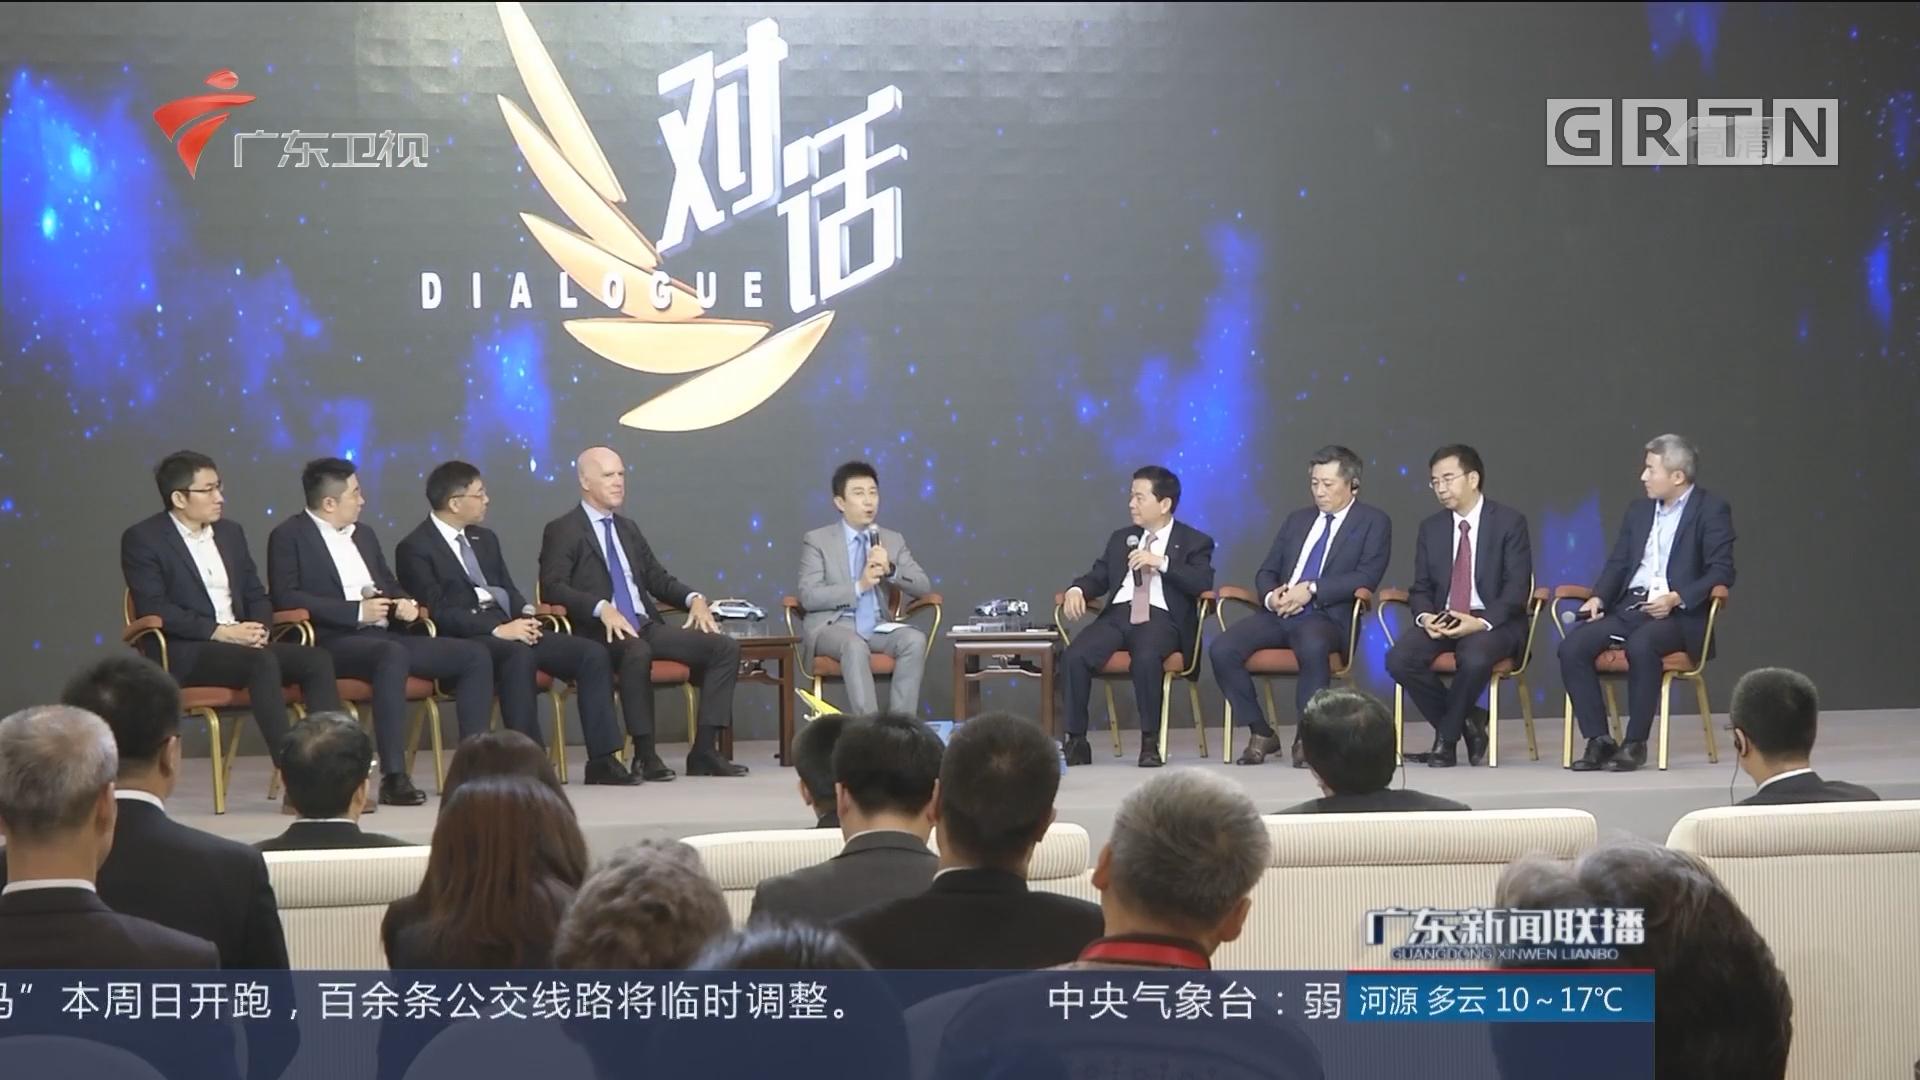 2017广州《财富》全球论坛 嘉宾热议未来出行 城市治理